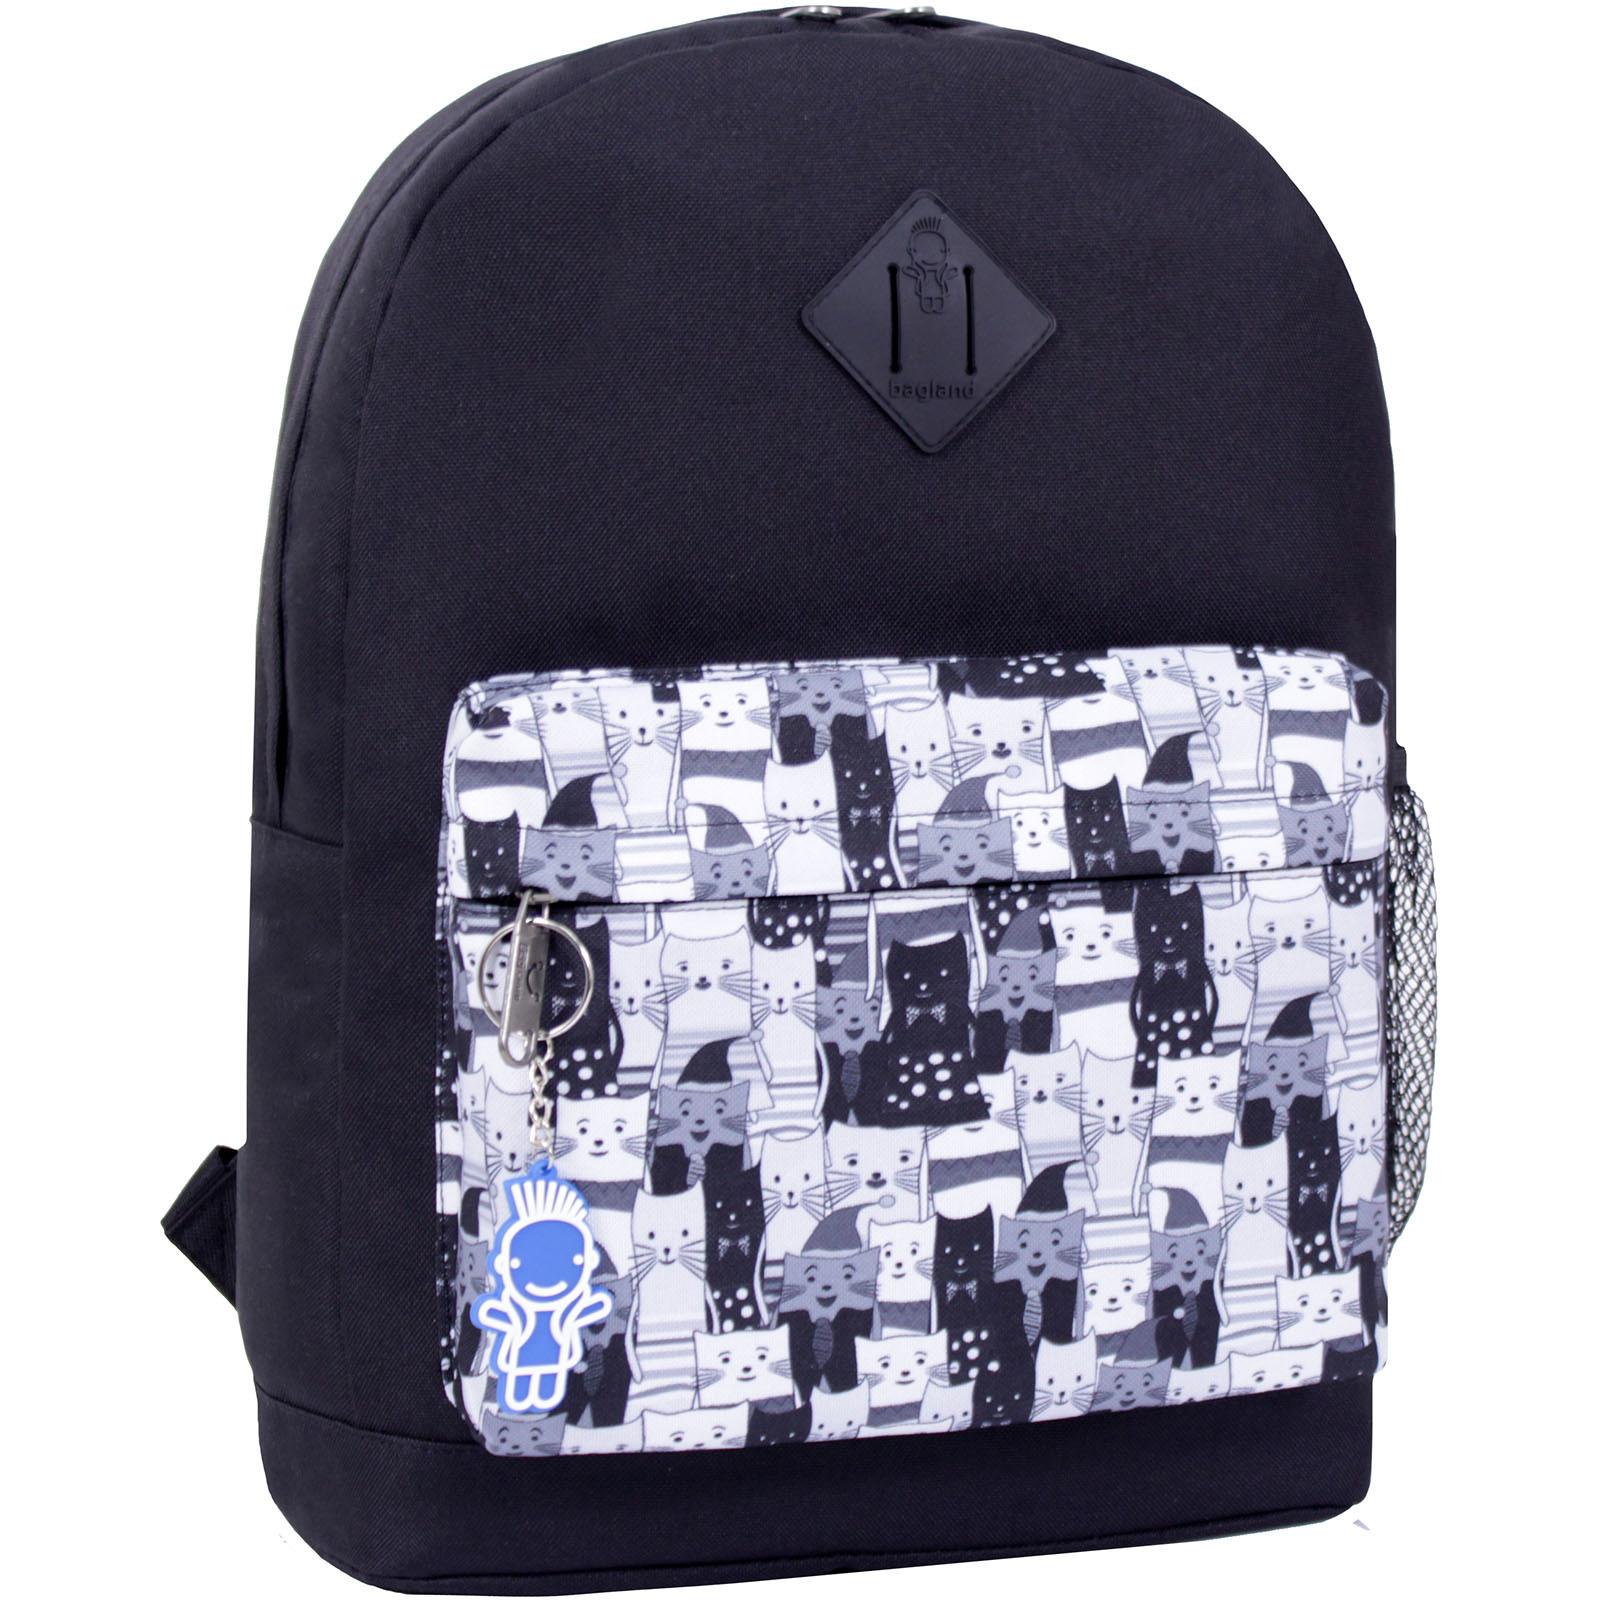 Городские рюкзаки Рюкзак Bagland Молодежный W/R 17 л. черный 457 (00533662) IMG_2378_суб.457_.JPG